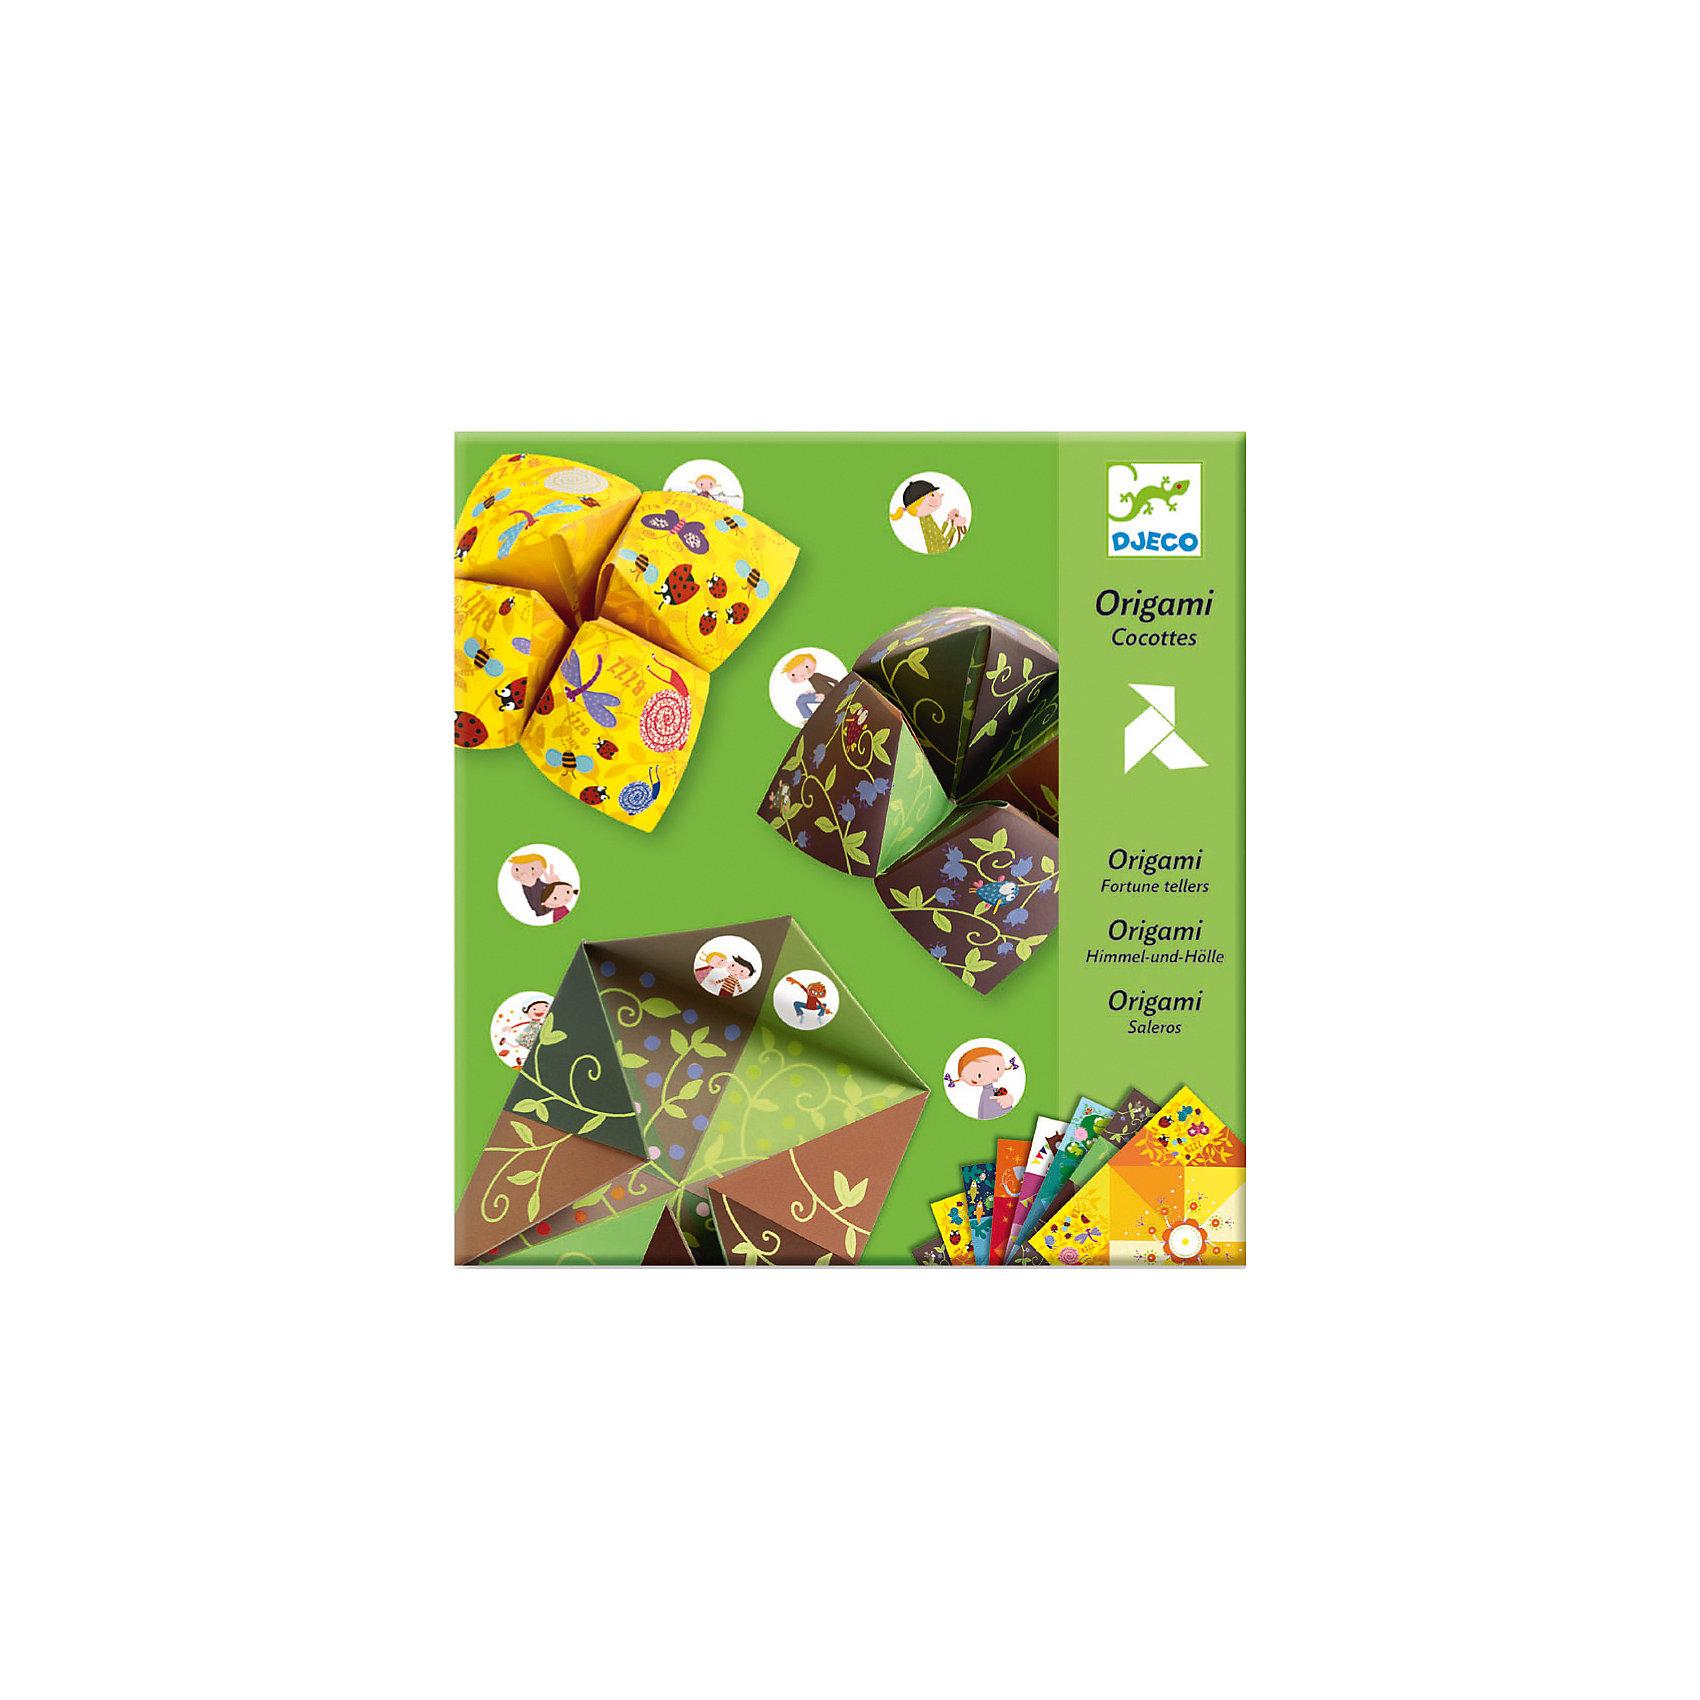 DJECO Набор Оригами БумажныйНабор Бумажный DJECO (Джеко) познакомит Вашего ребенка с древним искусством оригами. Искусство оригами позволяет создавать маленькие шедевры из обычных листков бумаги, можно сложить разнообразных зверюшек, фигурки, цветы и много другое. В наборе DJECO (Джеко) 24 листа с ярким орнаментом и узорами, из которых получается множество разнообразных поделок.<br><br>Дополнительная информация:<br><br>- В комплекте: 24 листа бумаги, 3 листа наклеек, инструкция со схемами.<br>- Материал: бумага.<br>- Размер каждого листа: 21 х 21 см.<br>- Размер упаковки: 0,5 х 23 х 22 см.<br>- Вес: 0,182 кг. <br><br>Набор поможет развить у ребенка усидчивость, мелкую моторику и творческое мышление.<br><br>Набор Бумажный DJECO (Джеко) можно купить в нашем магазине.<br><br>Ширина мм: 210<br>Глубина мм: 230<br>Высота мм: 2<br>Вес г: 50<br>Возраст от месяцев: 48<br>Возраст до месяцев: 120<br>Пол: Унисекс<br>Возраст: Детский<br>SKU: 2175149